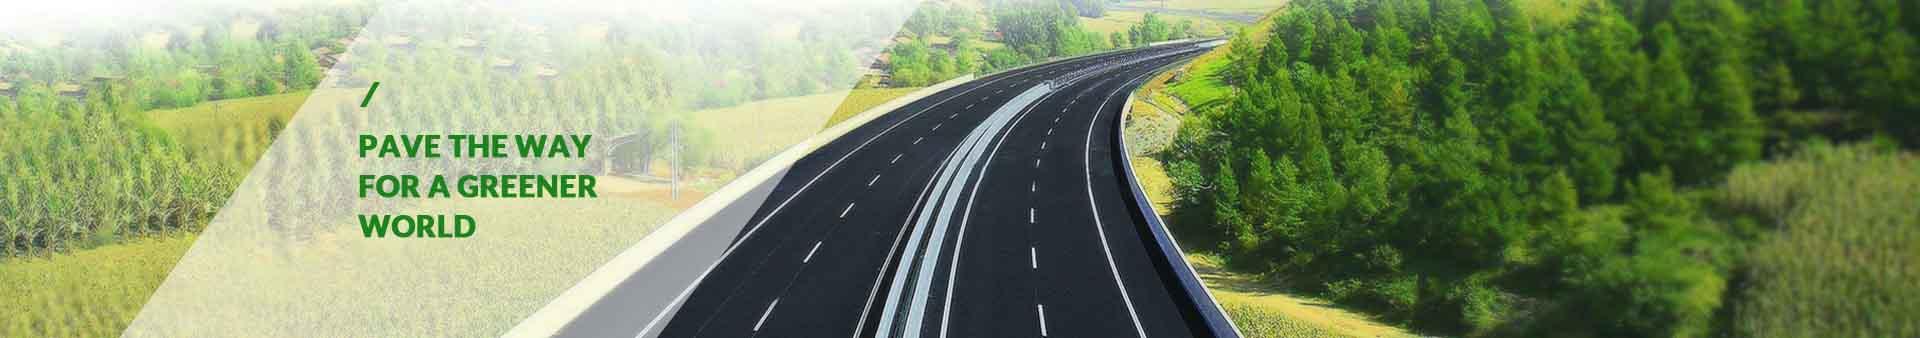 Mantenimiento de carreteras